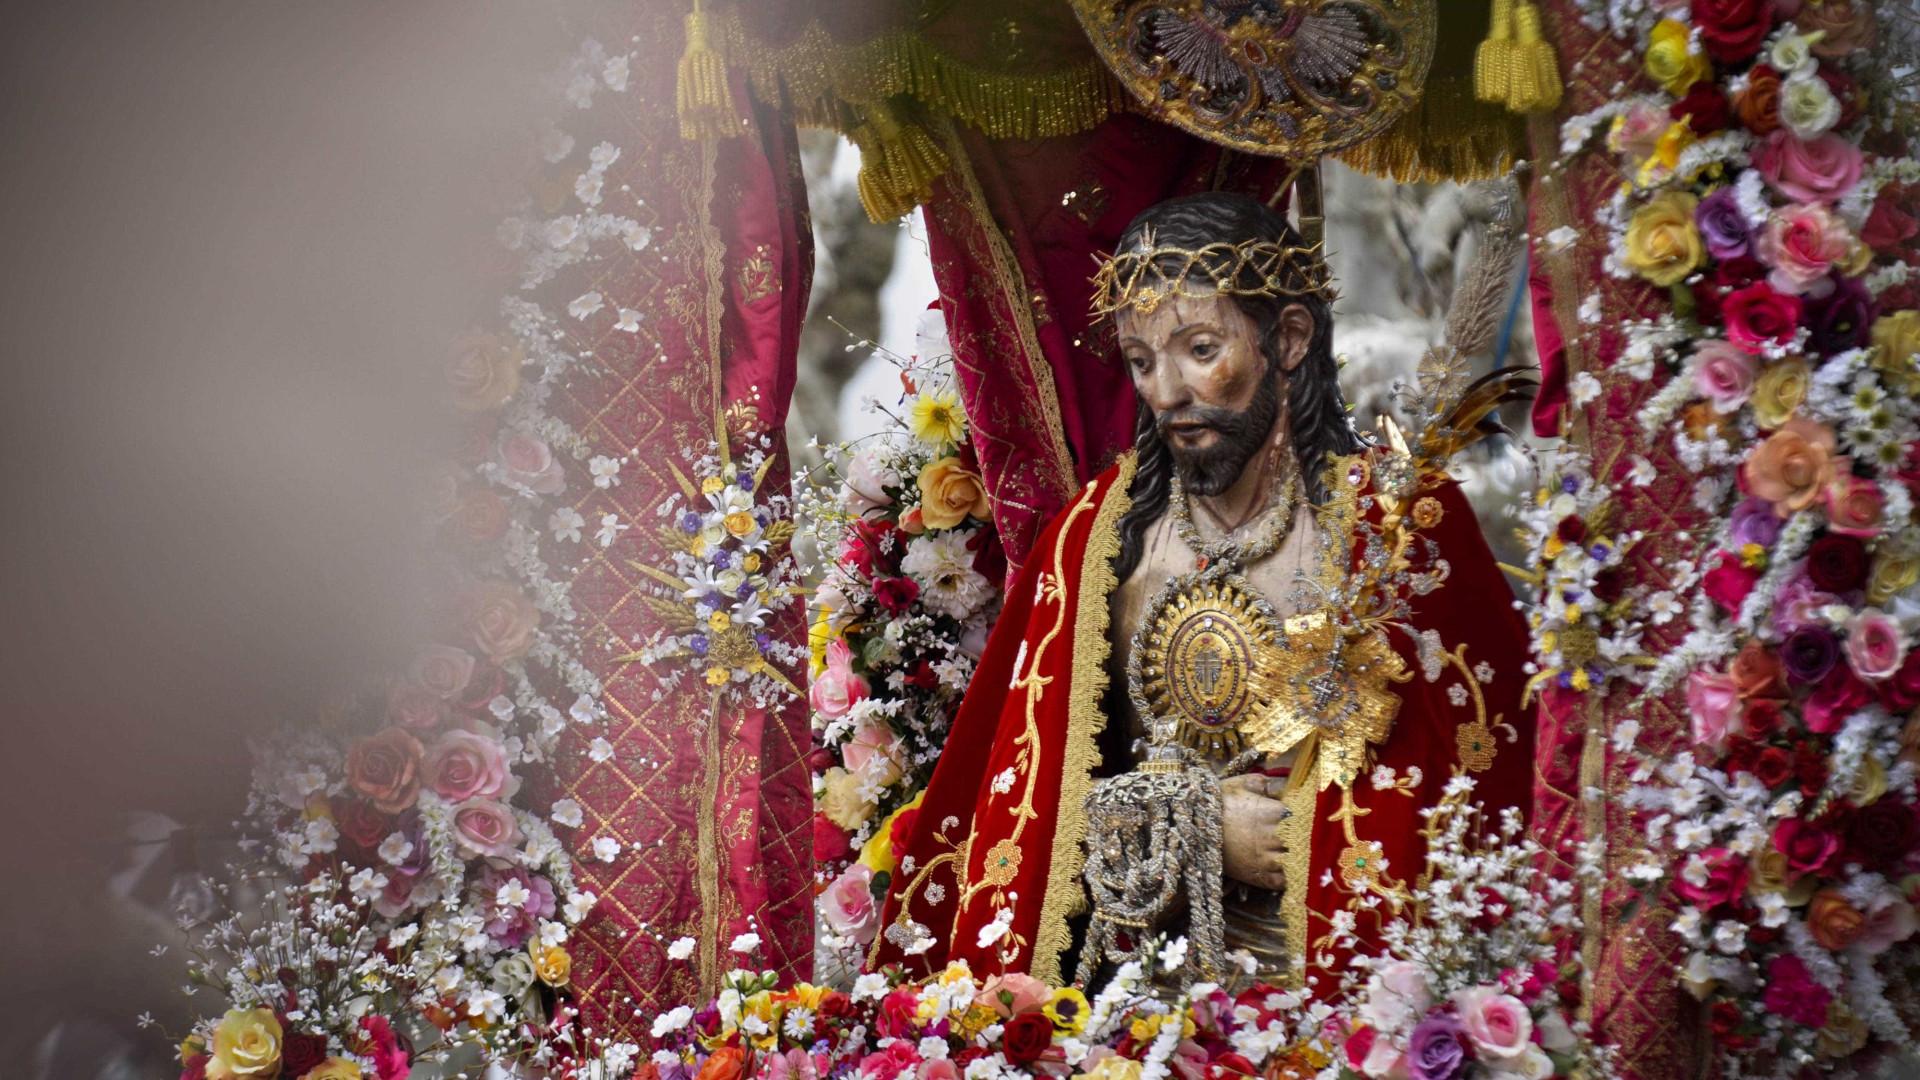 Marcelo participa na procissão do Santo Cristo no domingo nos Açores